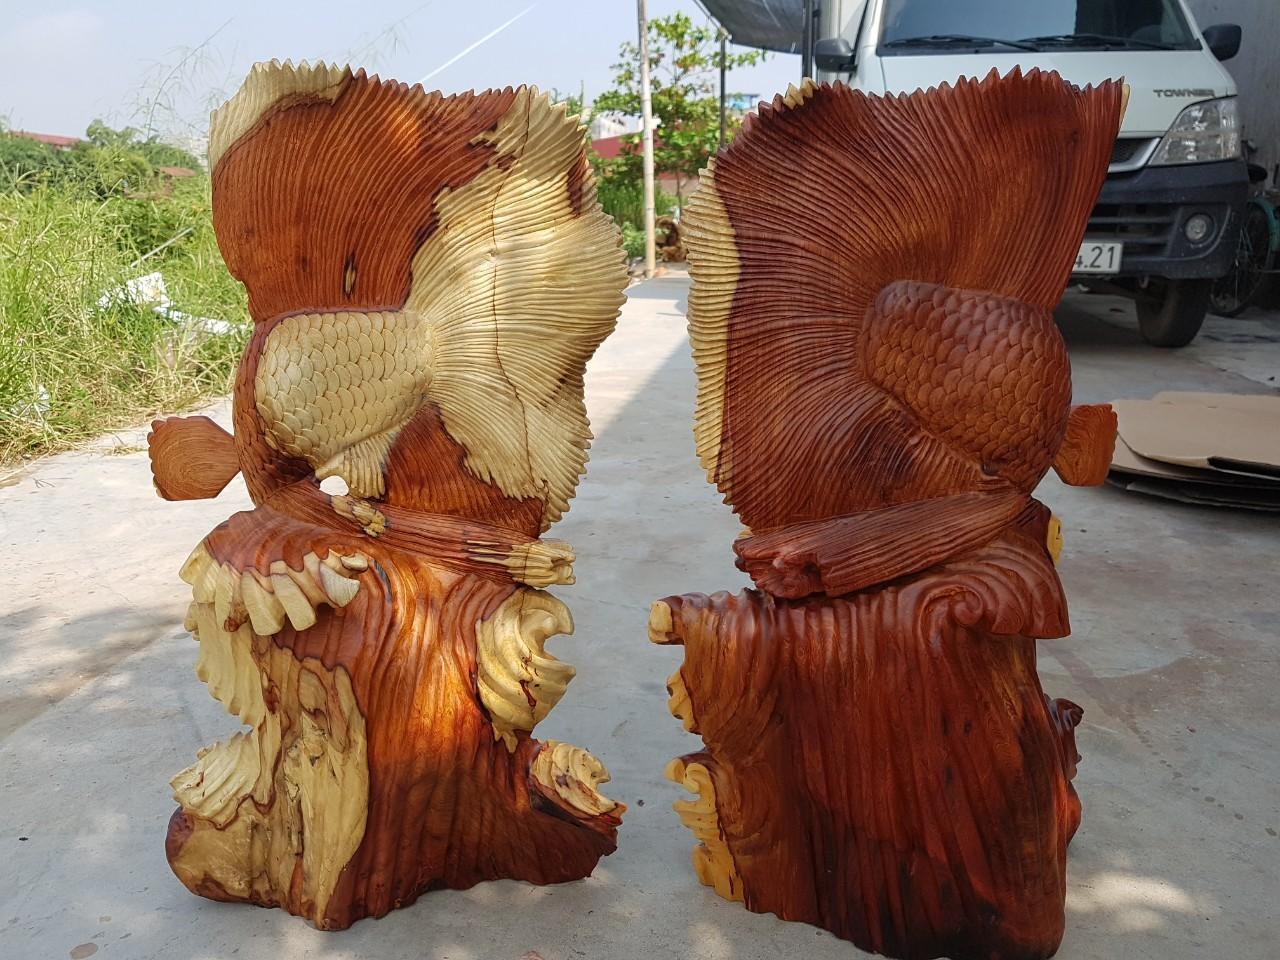 Tượng gỗ Cá Xiêm - Ý nghĩa phong thủy và cách trưng bày mang lại tài lộc